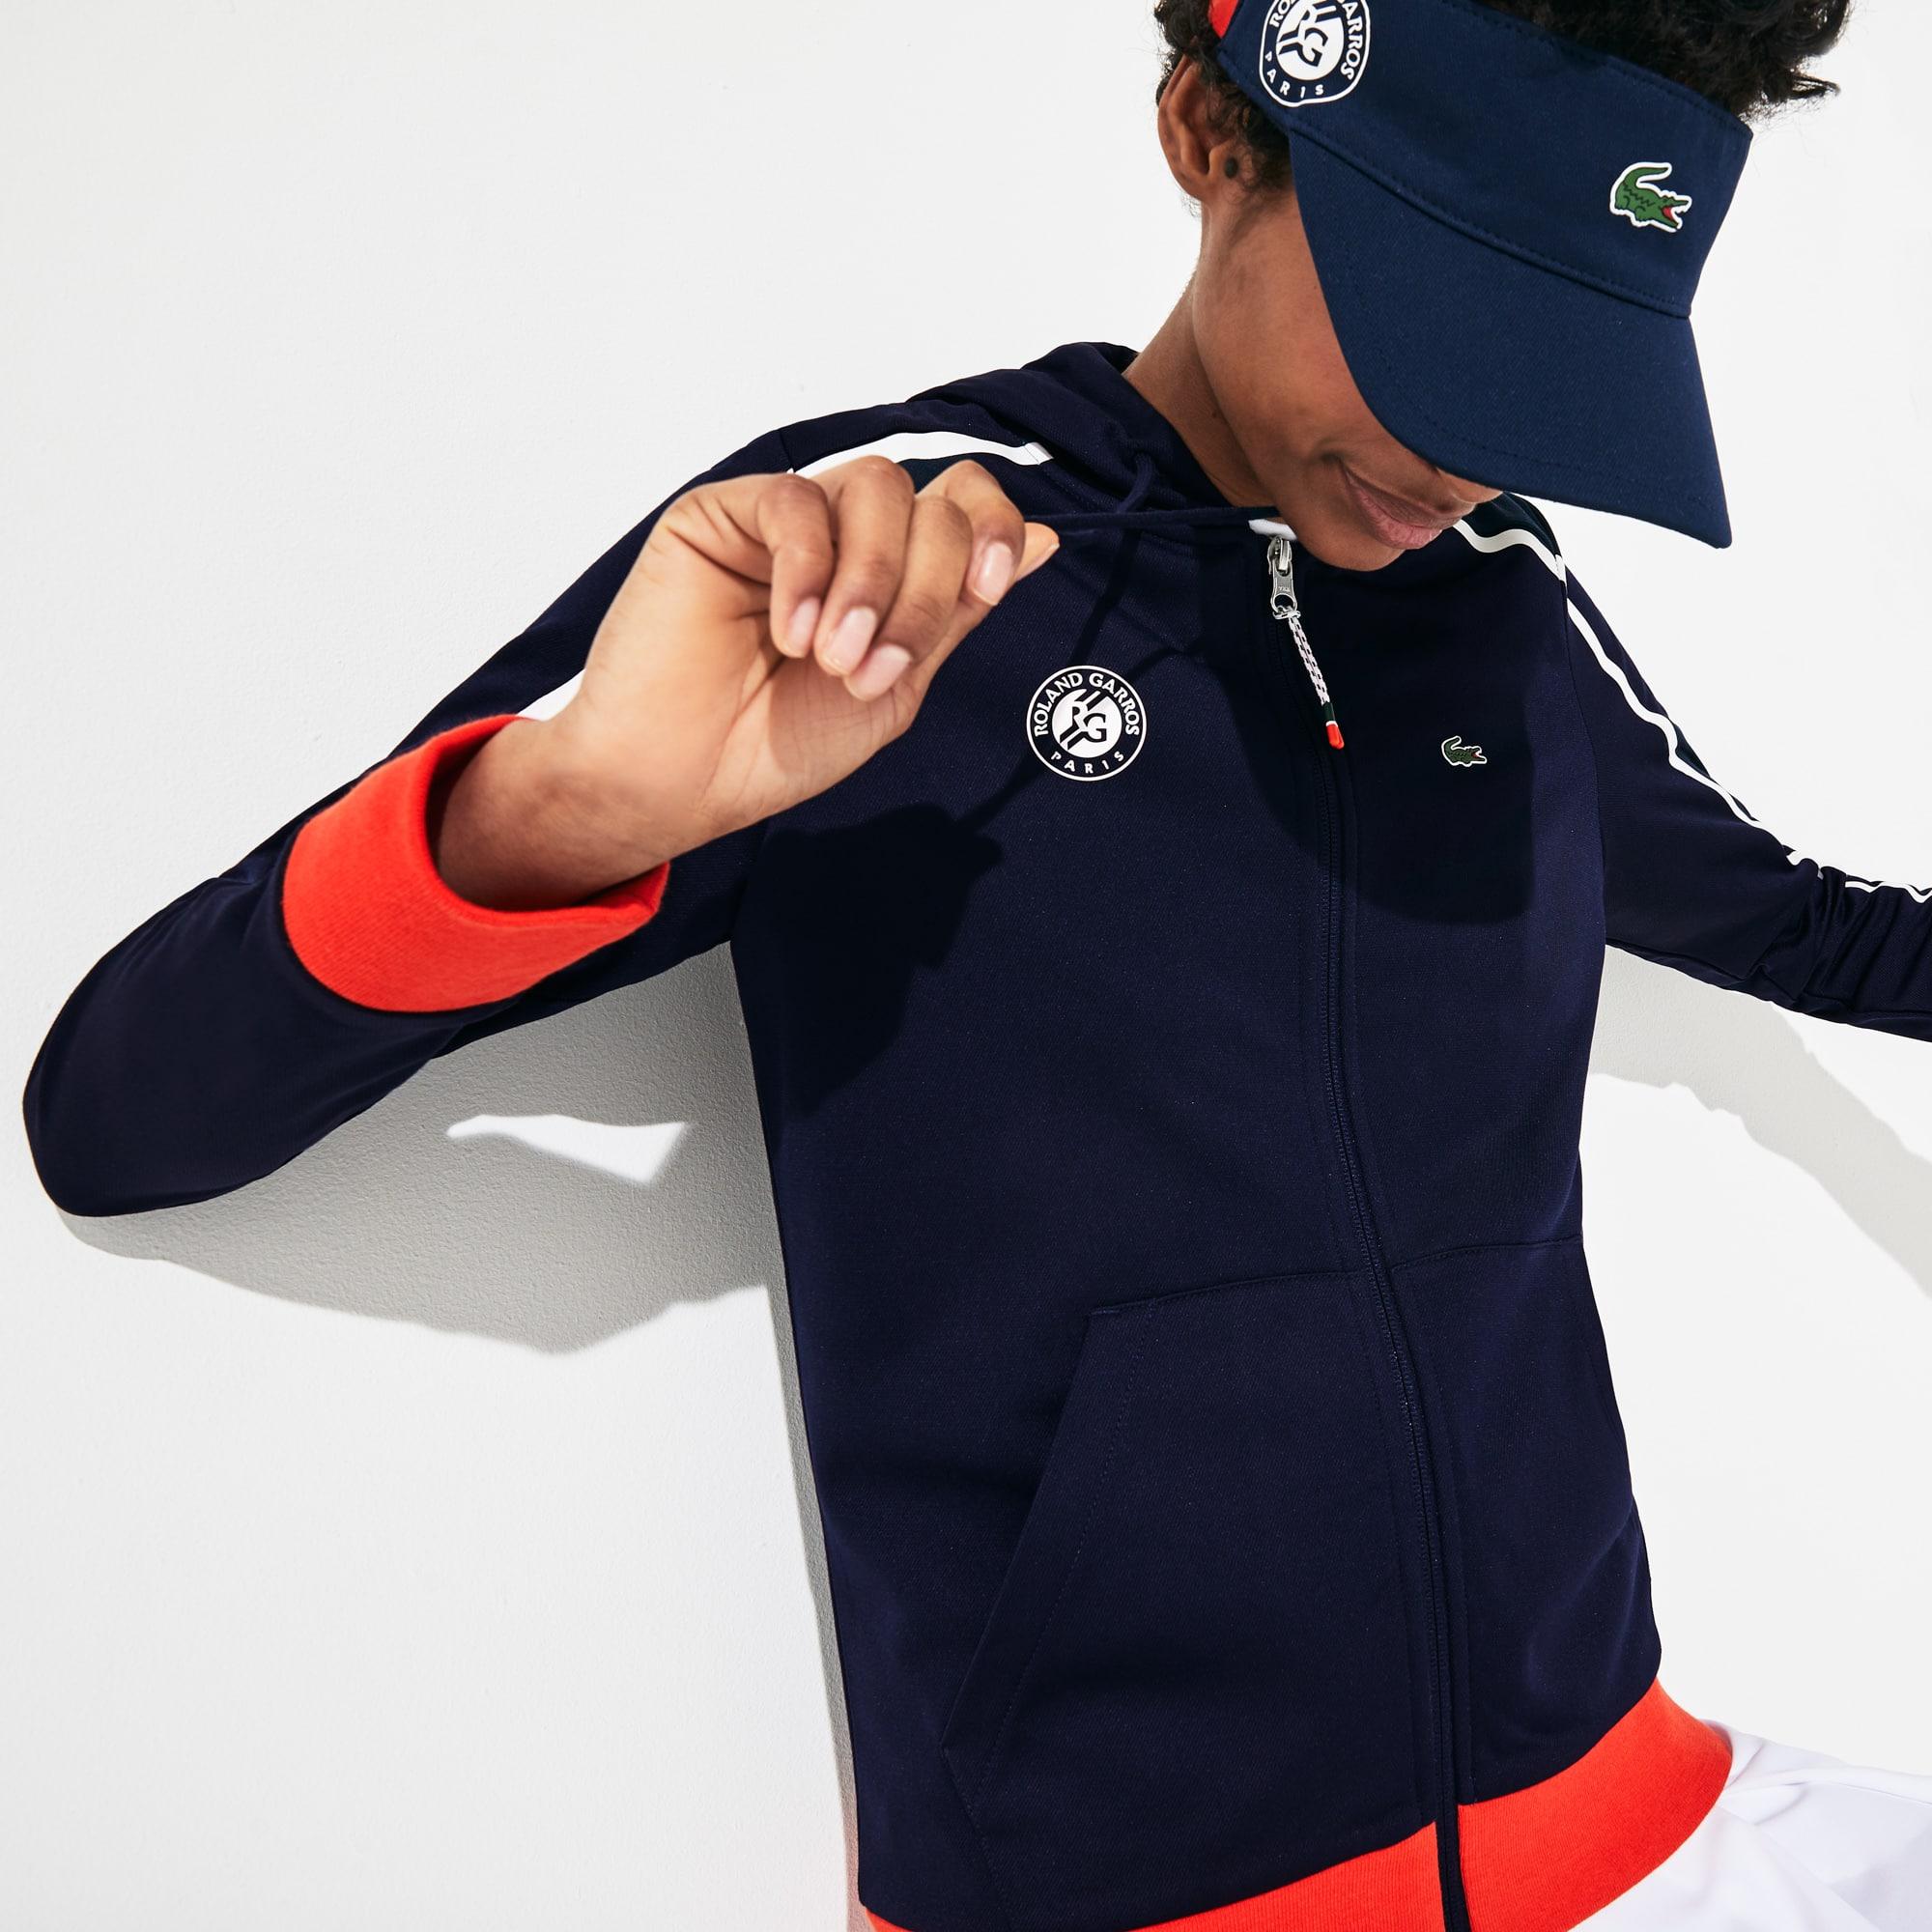 라코스테 스포츠 '롤랑가로스 에디션' 후드 자켓 Lacoste Womens SPORT Roland Garros Hooded Zip-Up Jacket